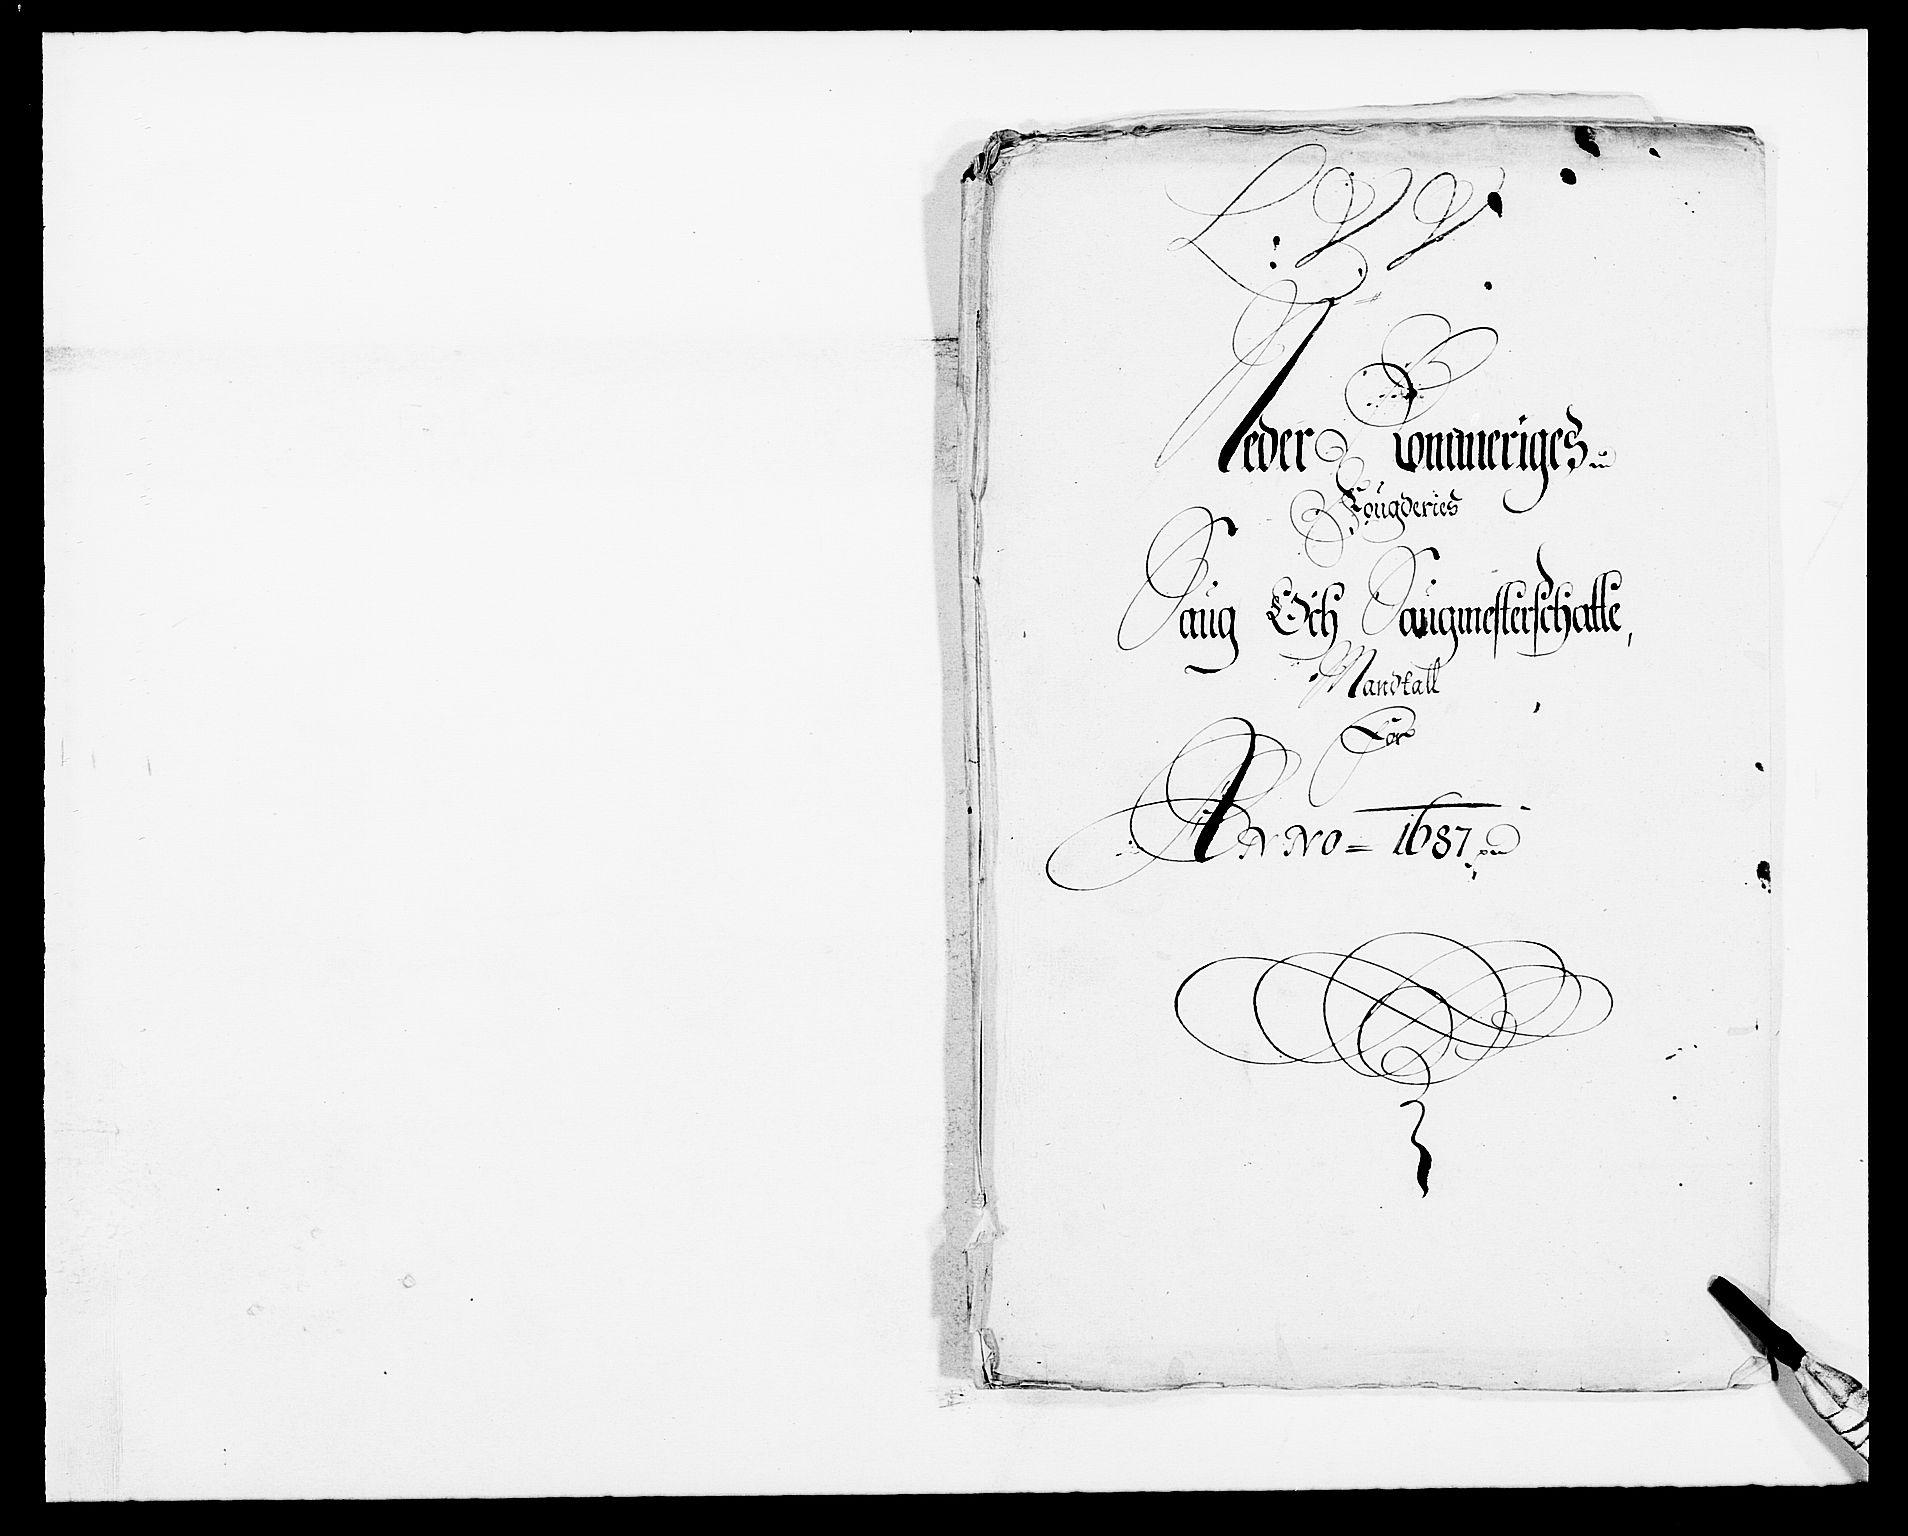 RA, Rentekammeret inntil 1814, Reviderte regnskaper, Fogderegnskap, R11/L0572: Fogderegnskap Nedre Romerike, 1686-1687, s. 302